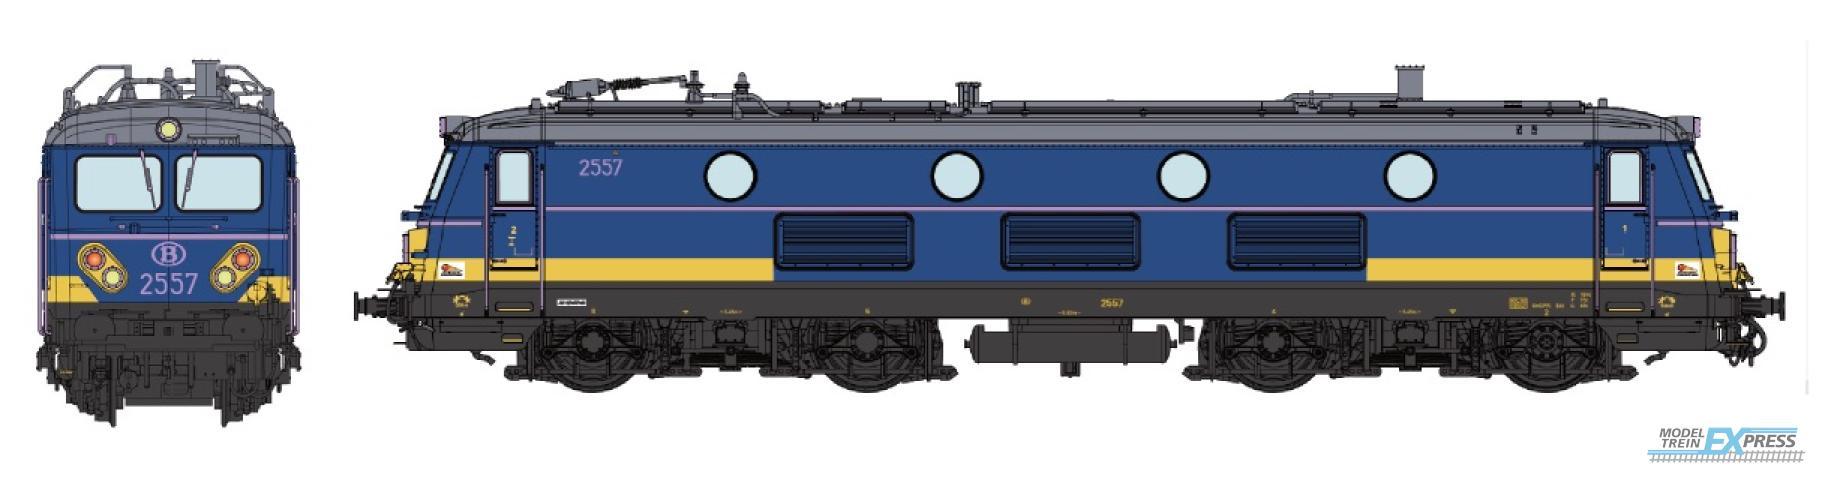 B-Models 3103.07